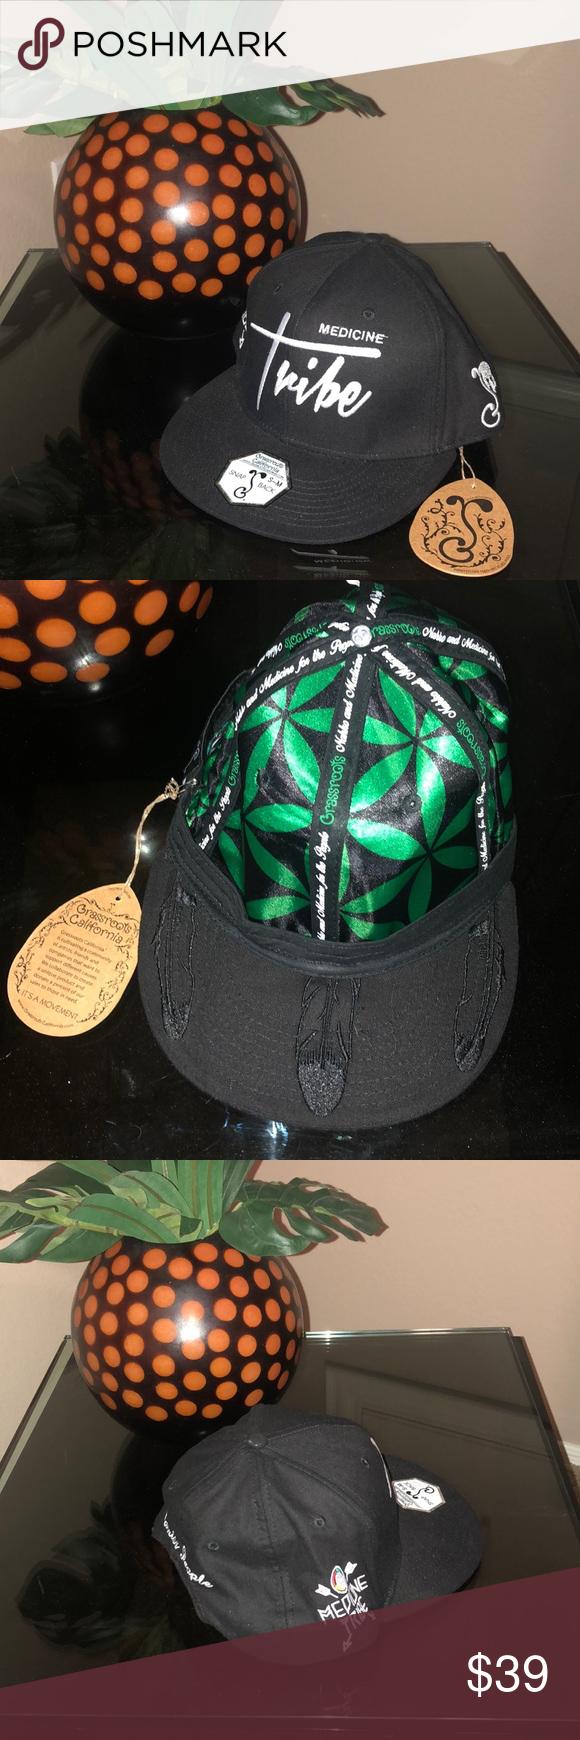 Grassroots Hat Medicine Tribe Ca Nahko 420 Friends And Company Hats Tribe